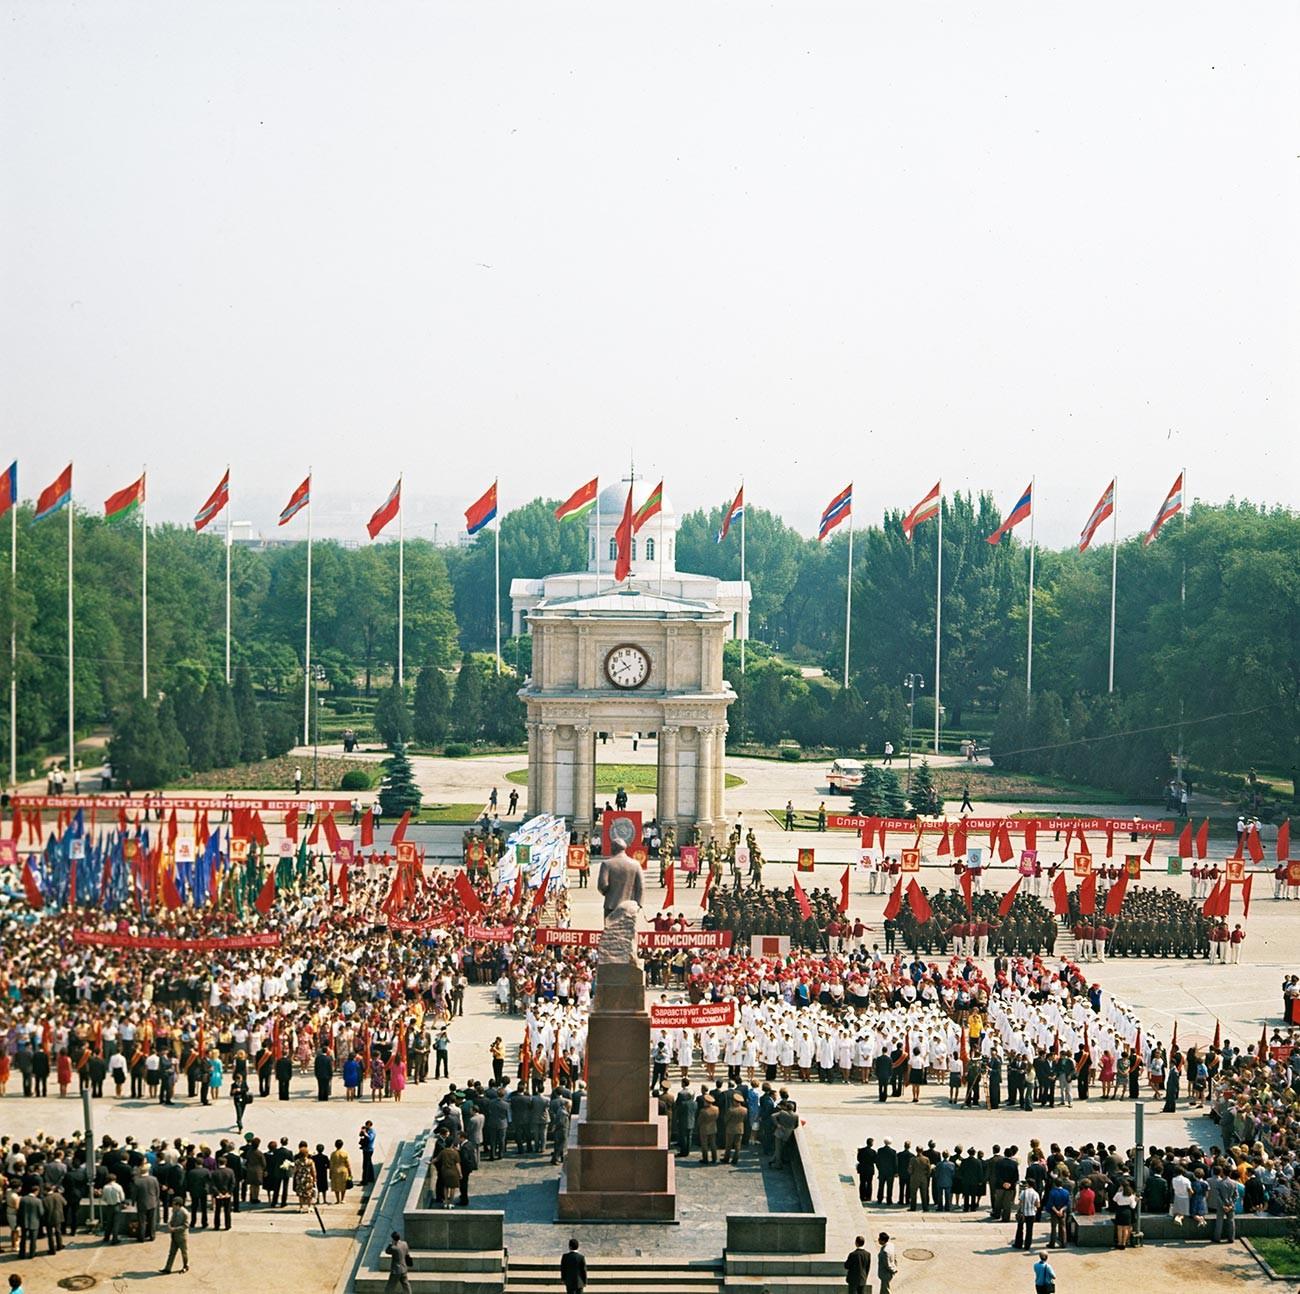 Siegesfeier auf dem Siegesplatz in Chișinău, 1976